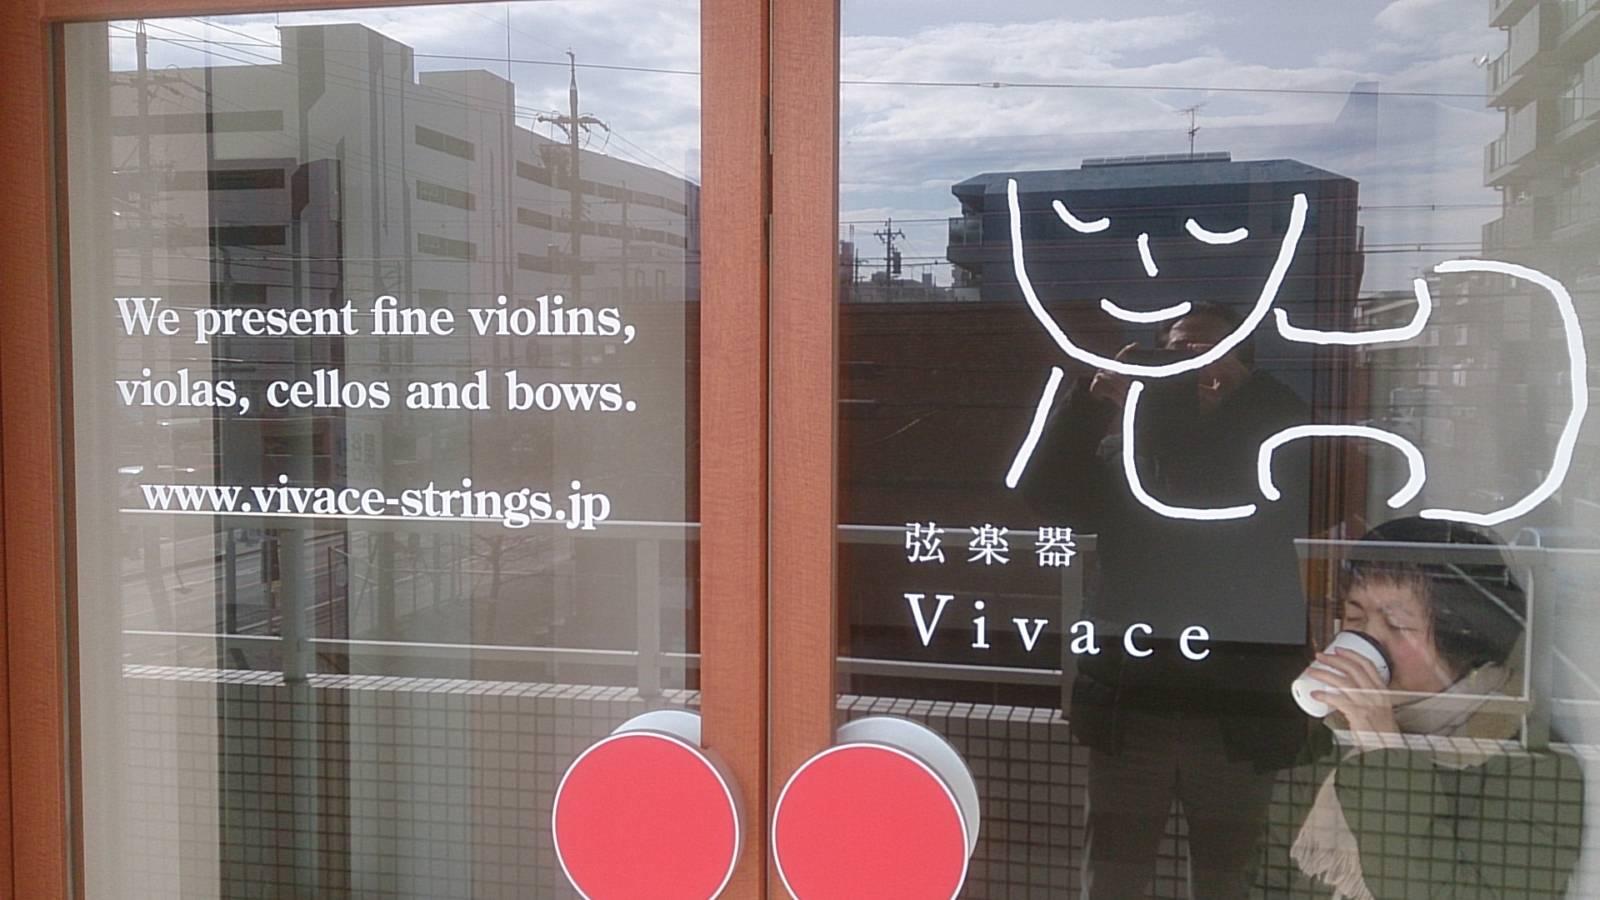 広島展示会のご案内